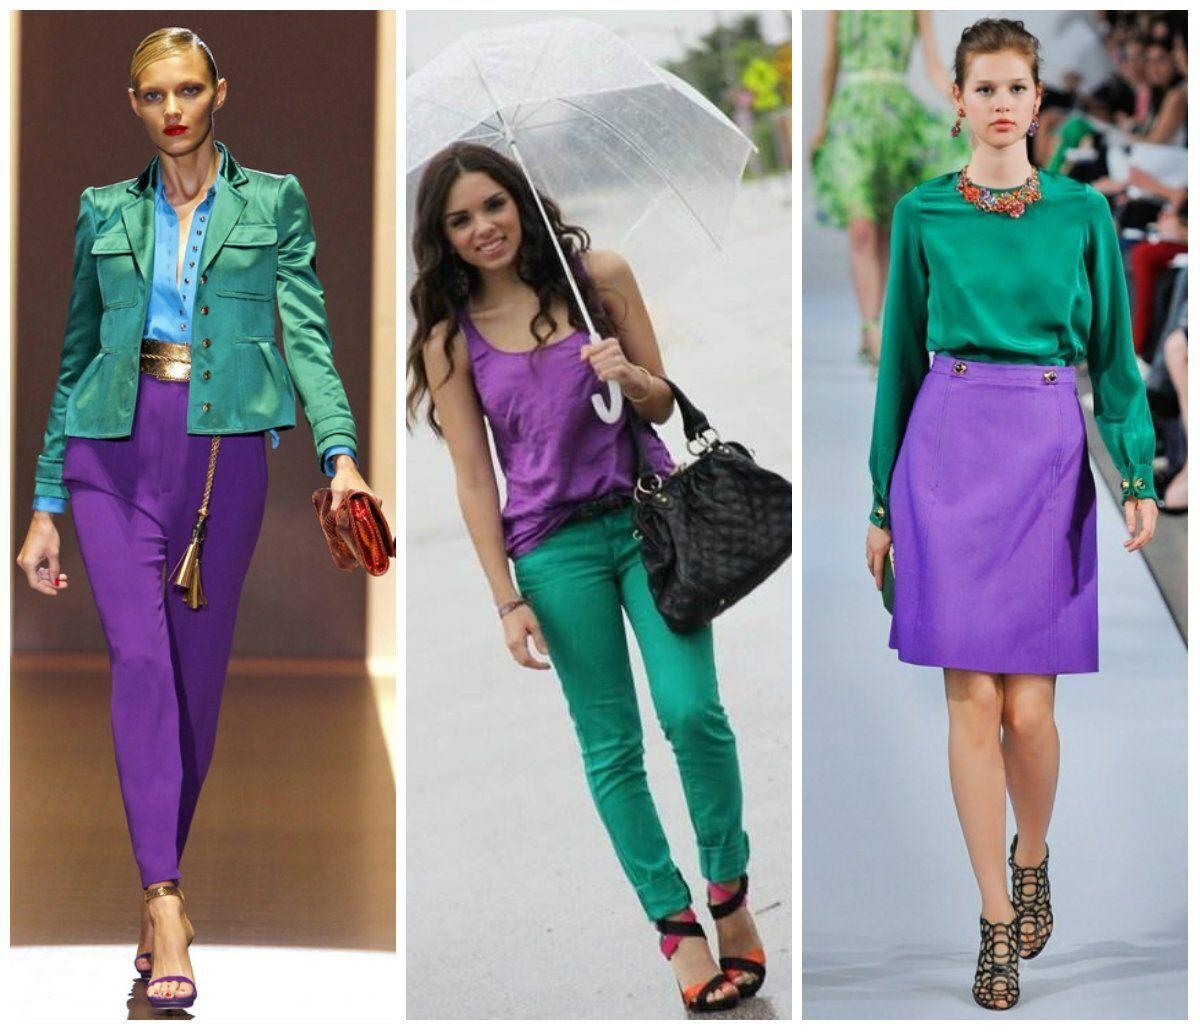 Зеленый и фиолетовый цвета в одном образе давно вышли из моды